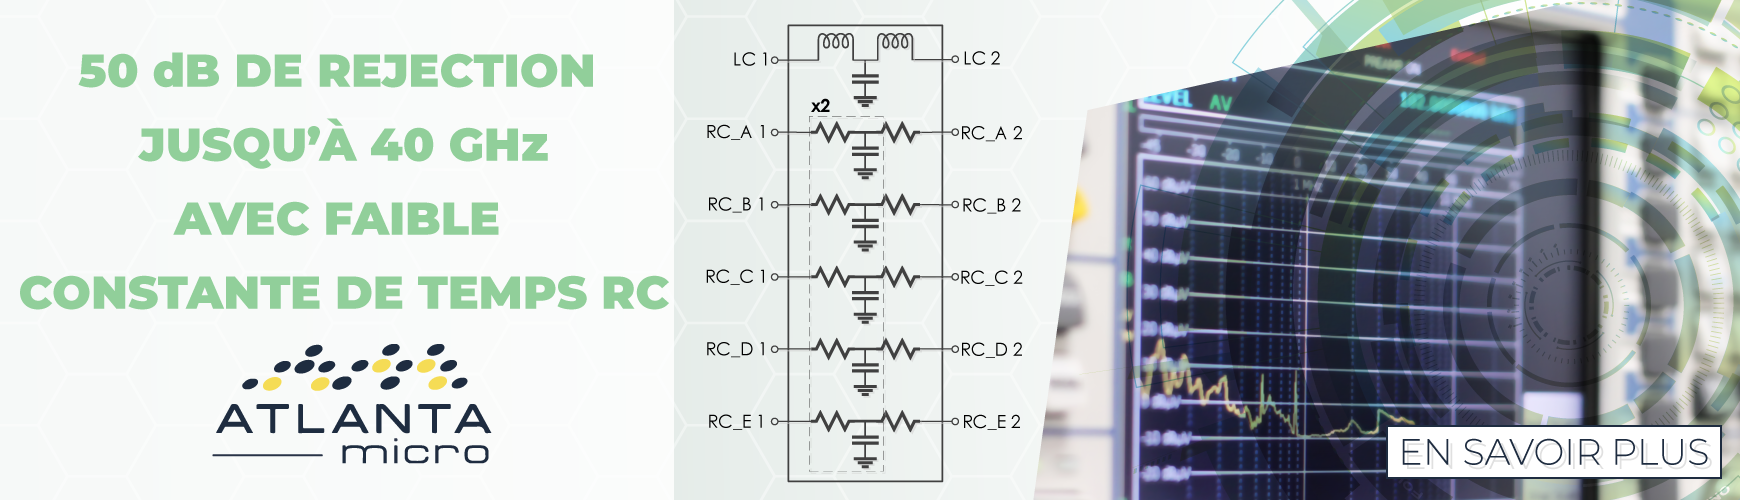 Atlanta Micro présente ses filtres EMI en boitier compact